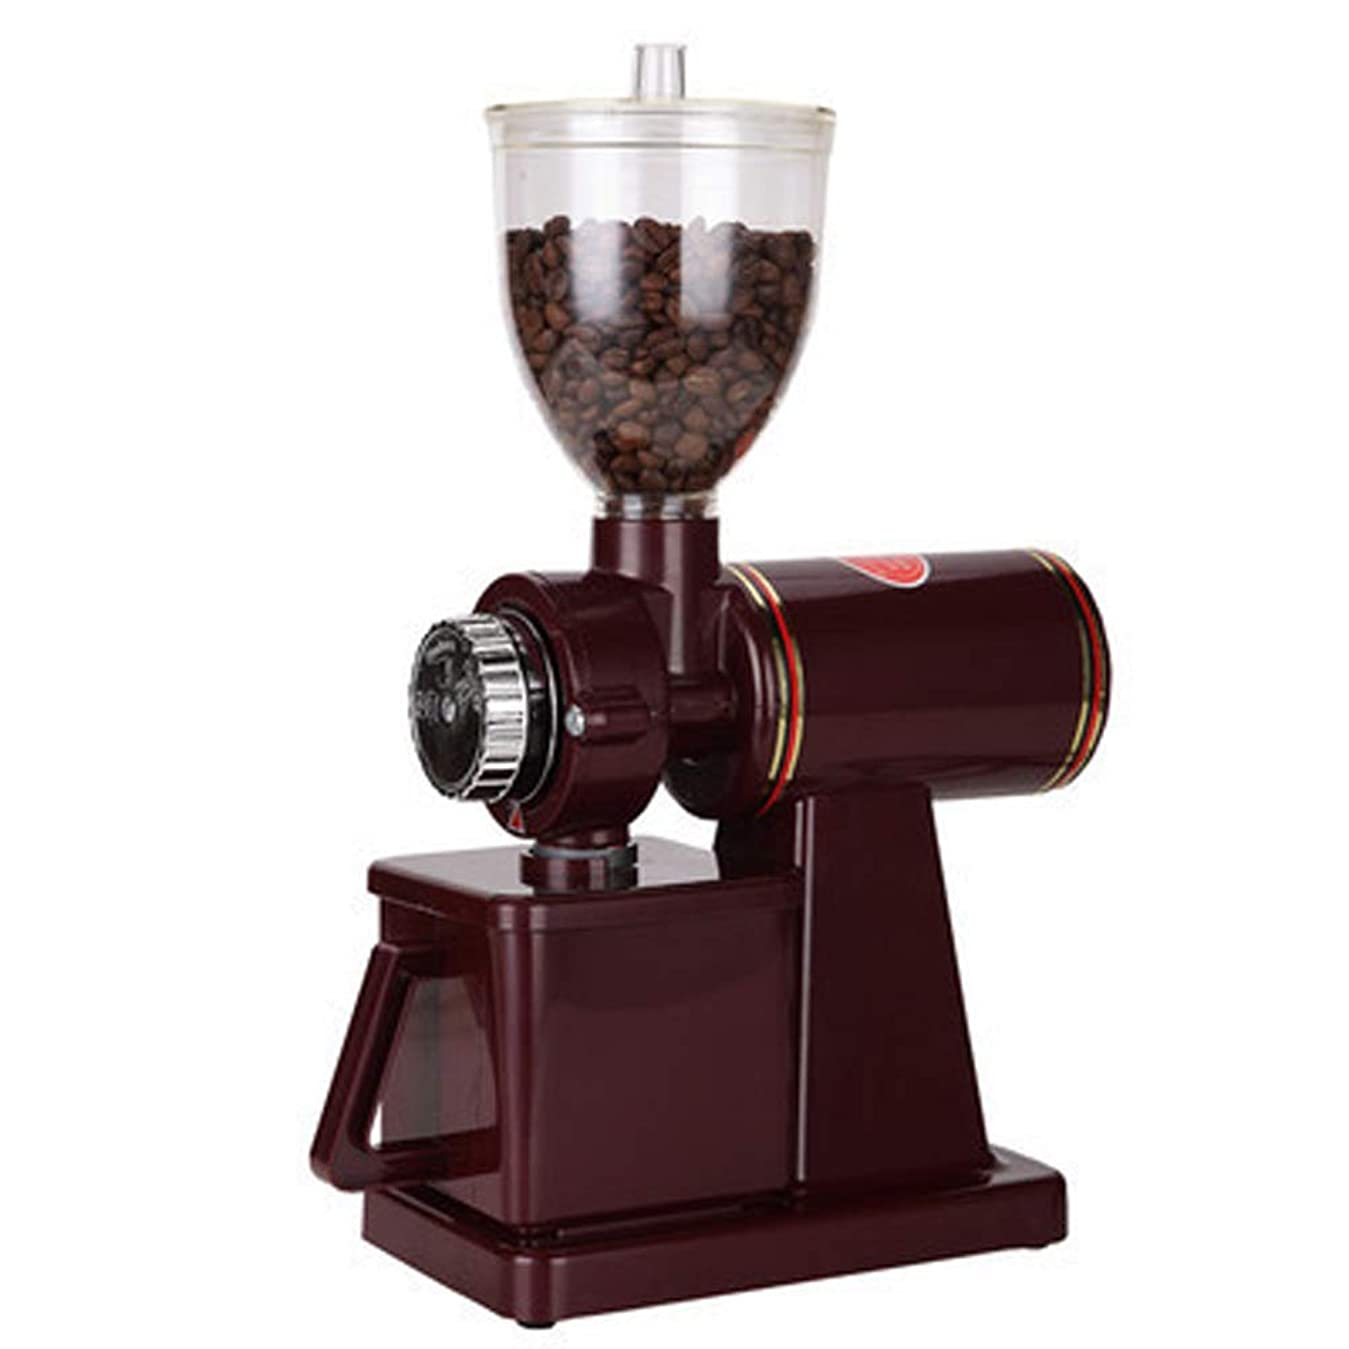 実行する上げるペルセウスHONFAM 電動コーヒーグラインダー コーヒーミル 粗さ調節可能 110V (レッド)